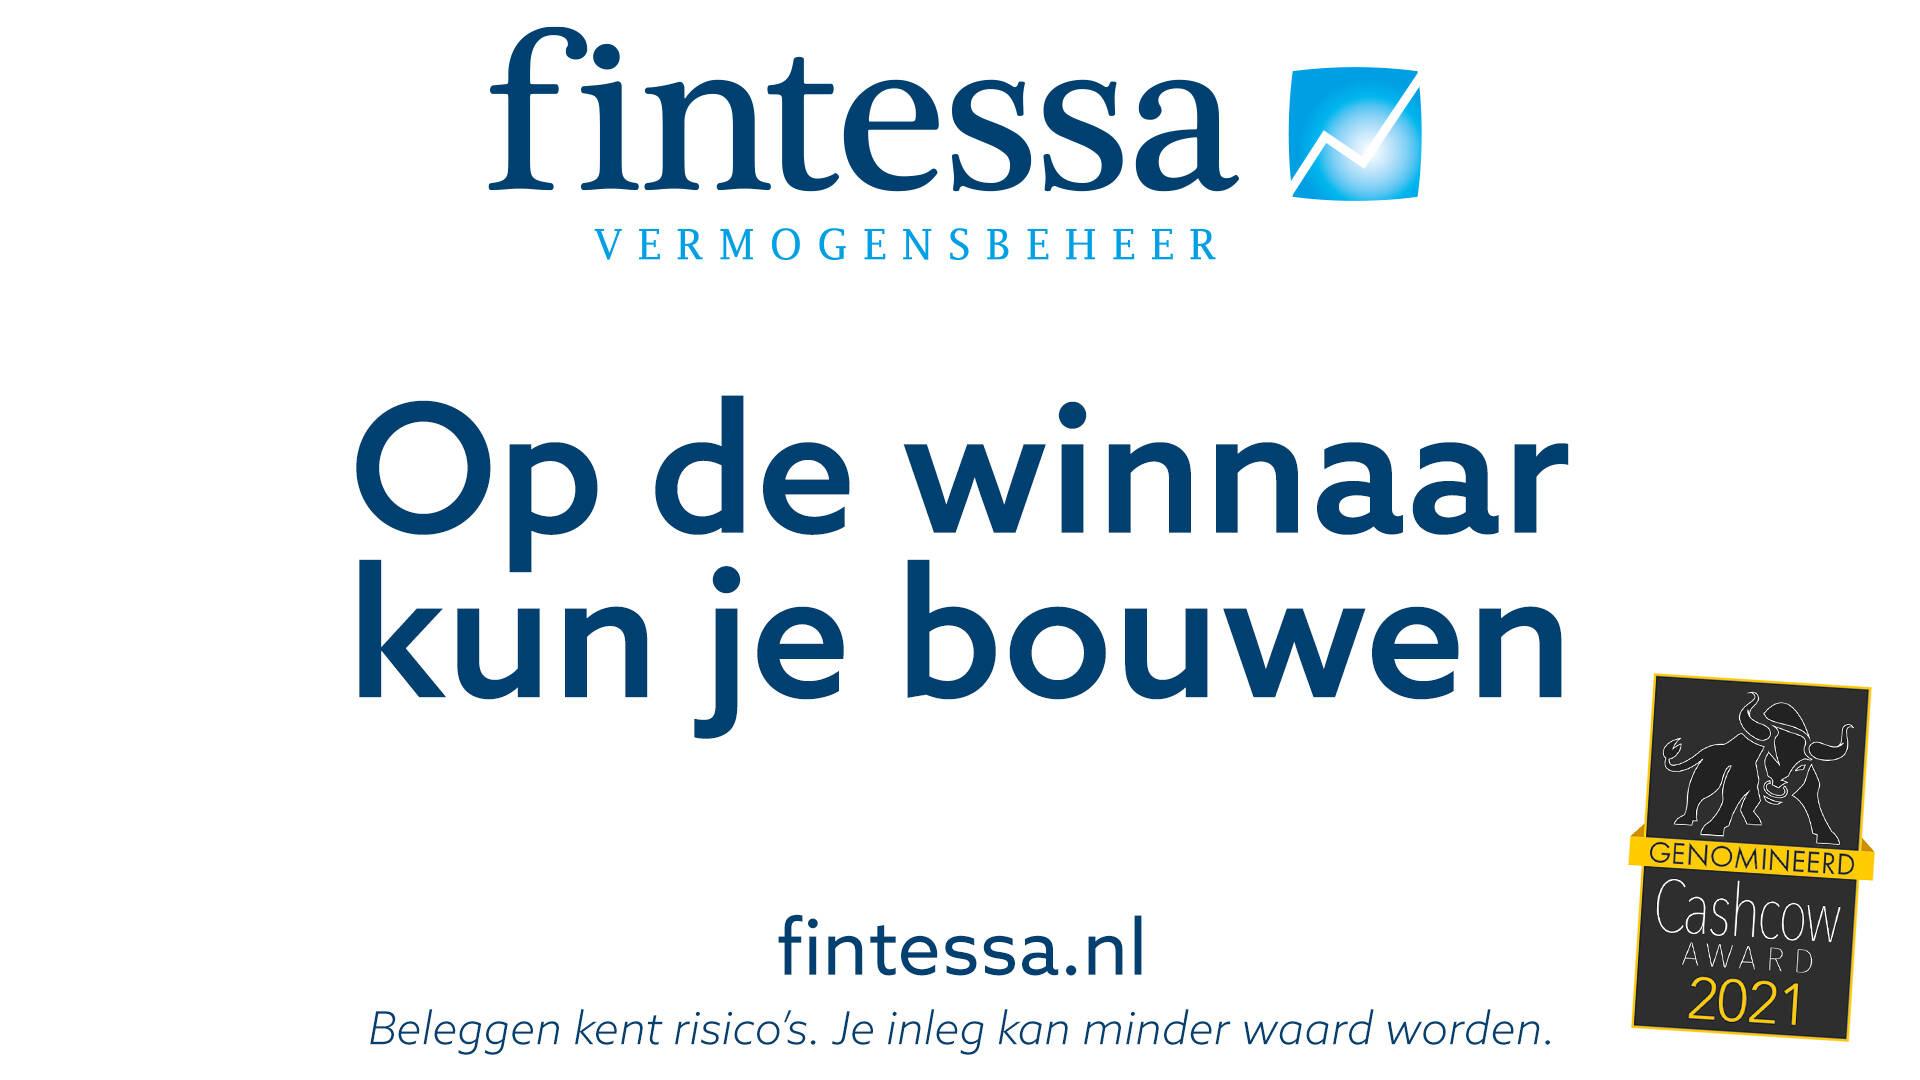 fintessa_adv.jpg